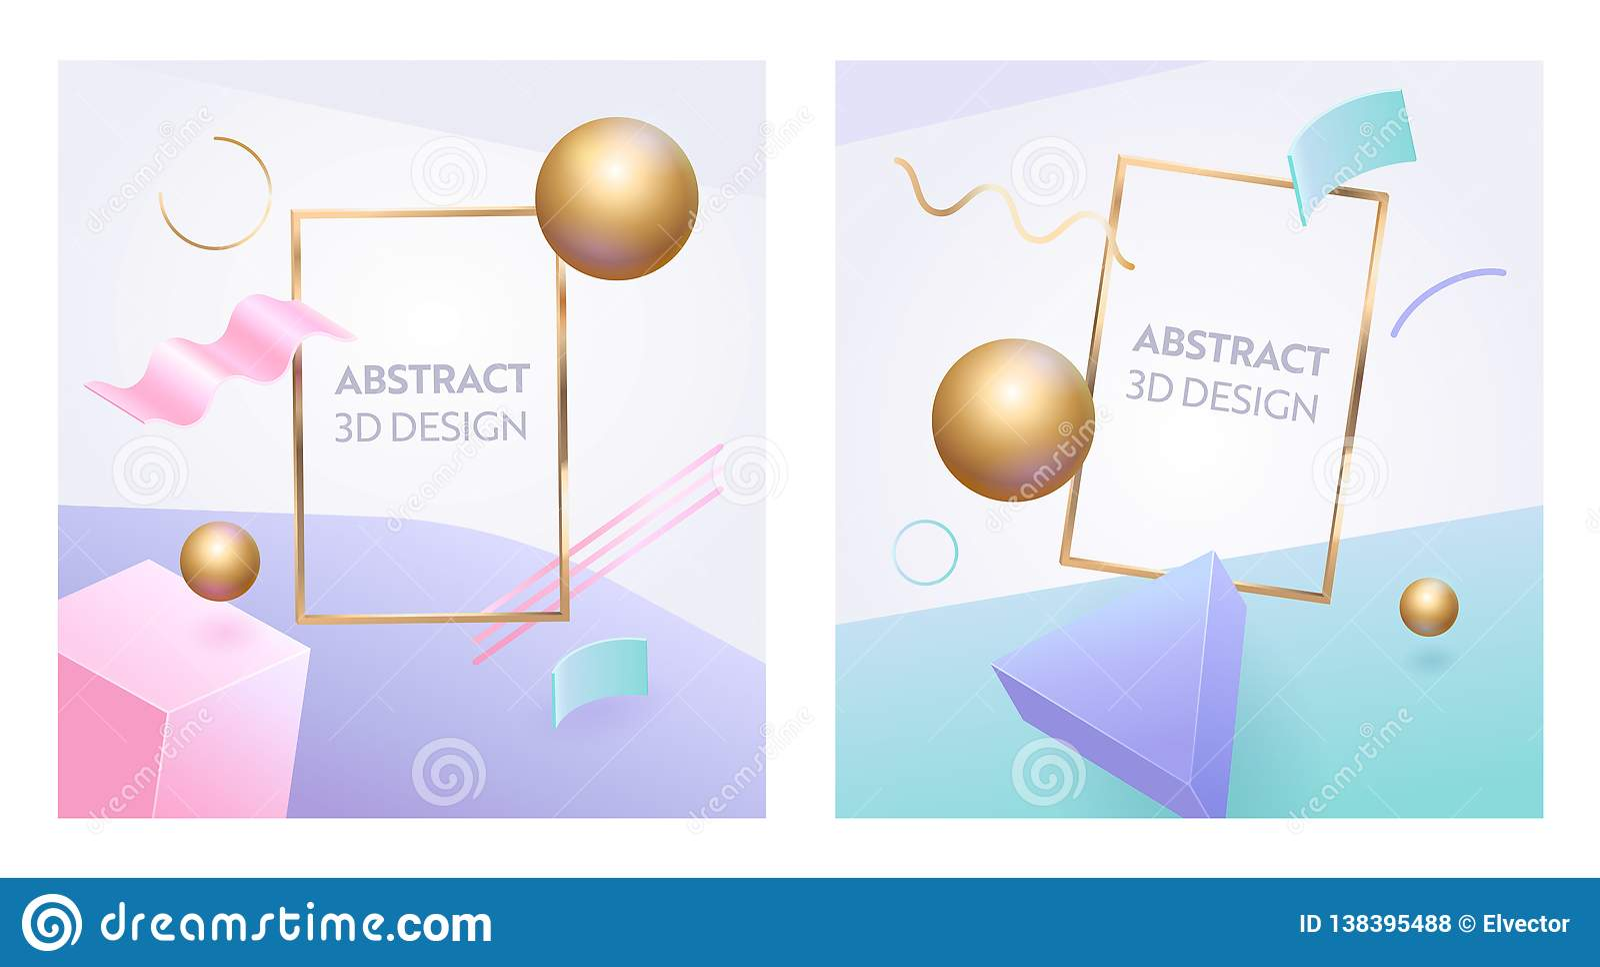 Figura geometrica astratta insieme dell insegna della struttura 3d La sfera grafica di Digital modella il fondo per la pubblicità